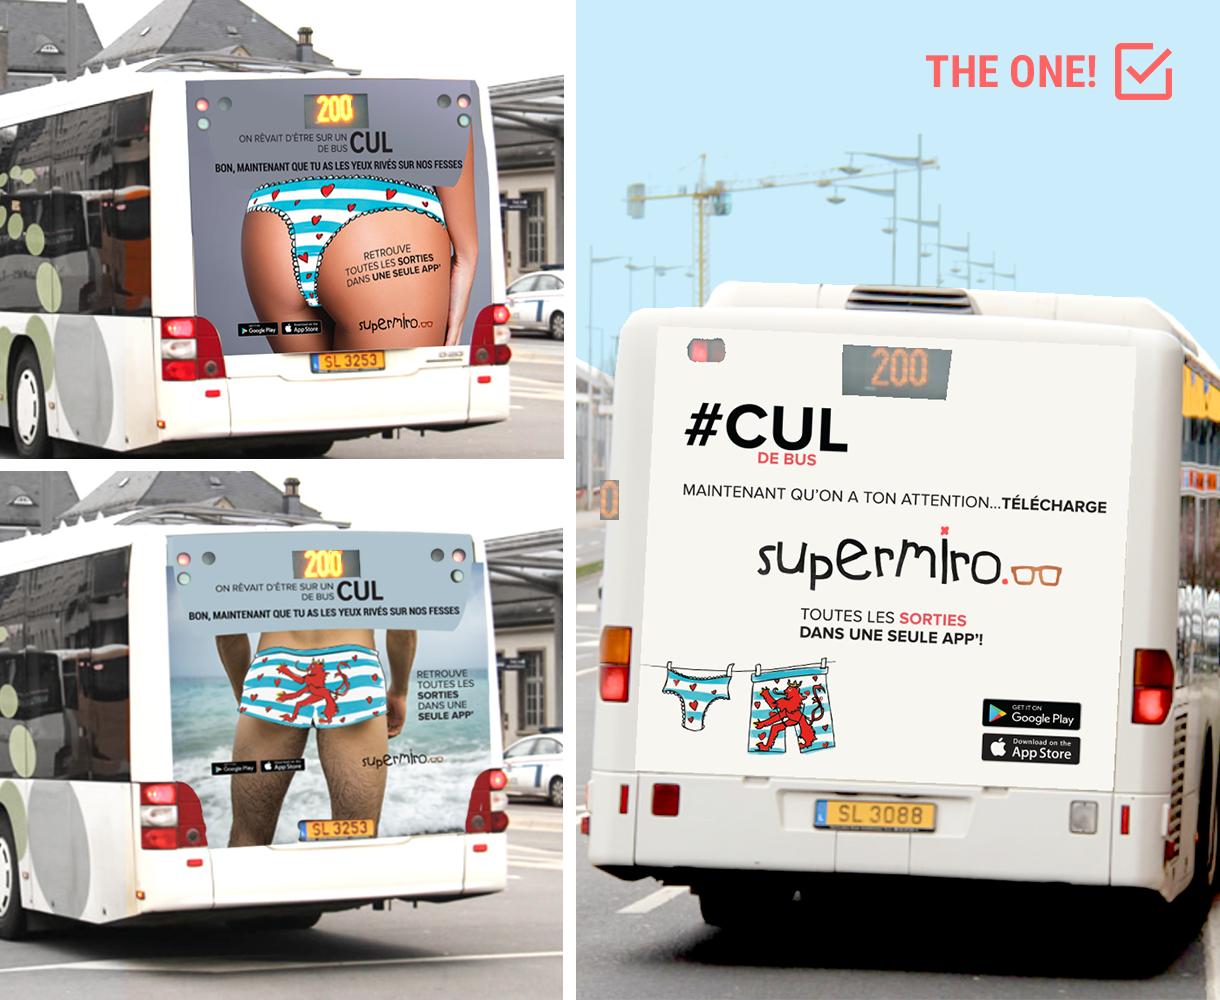 Supermiro : la startup qui rêvait de se payer un véritable #culdebus !